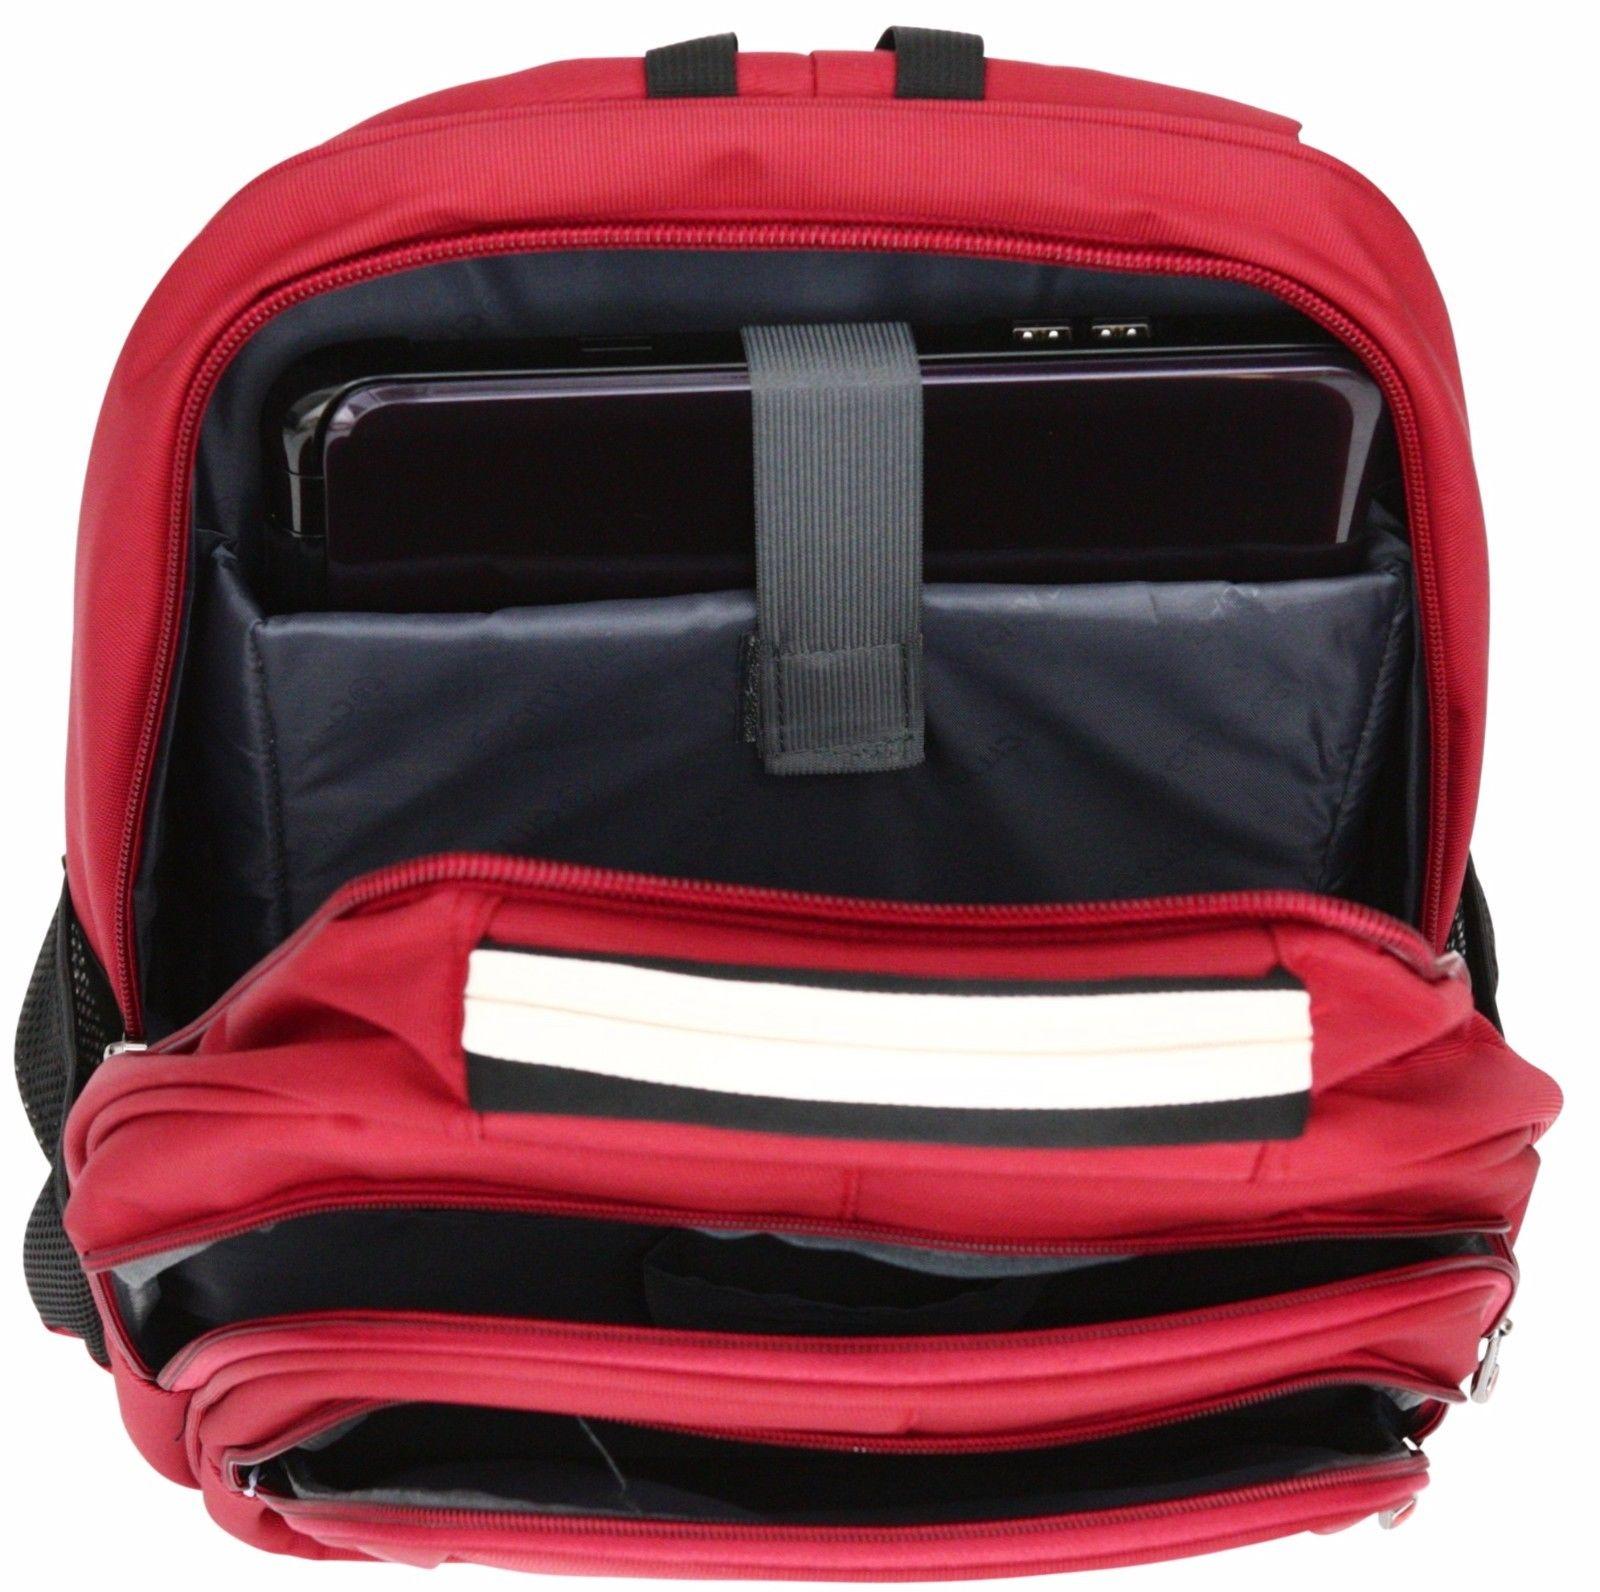 Diy laptop backpack - City Bag Laptop Backpack School Bag Business Case